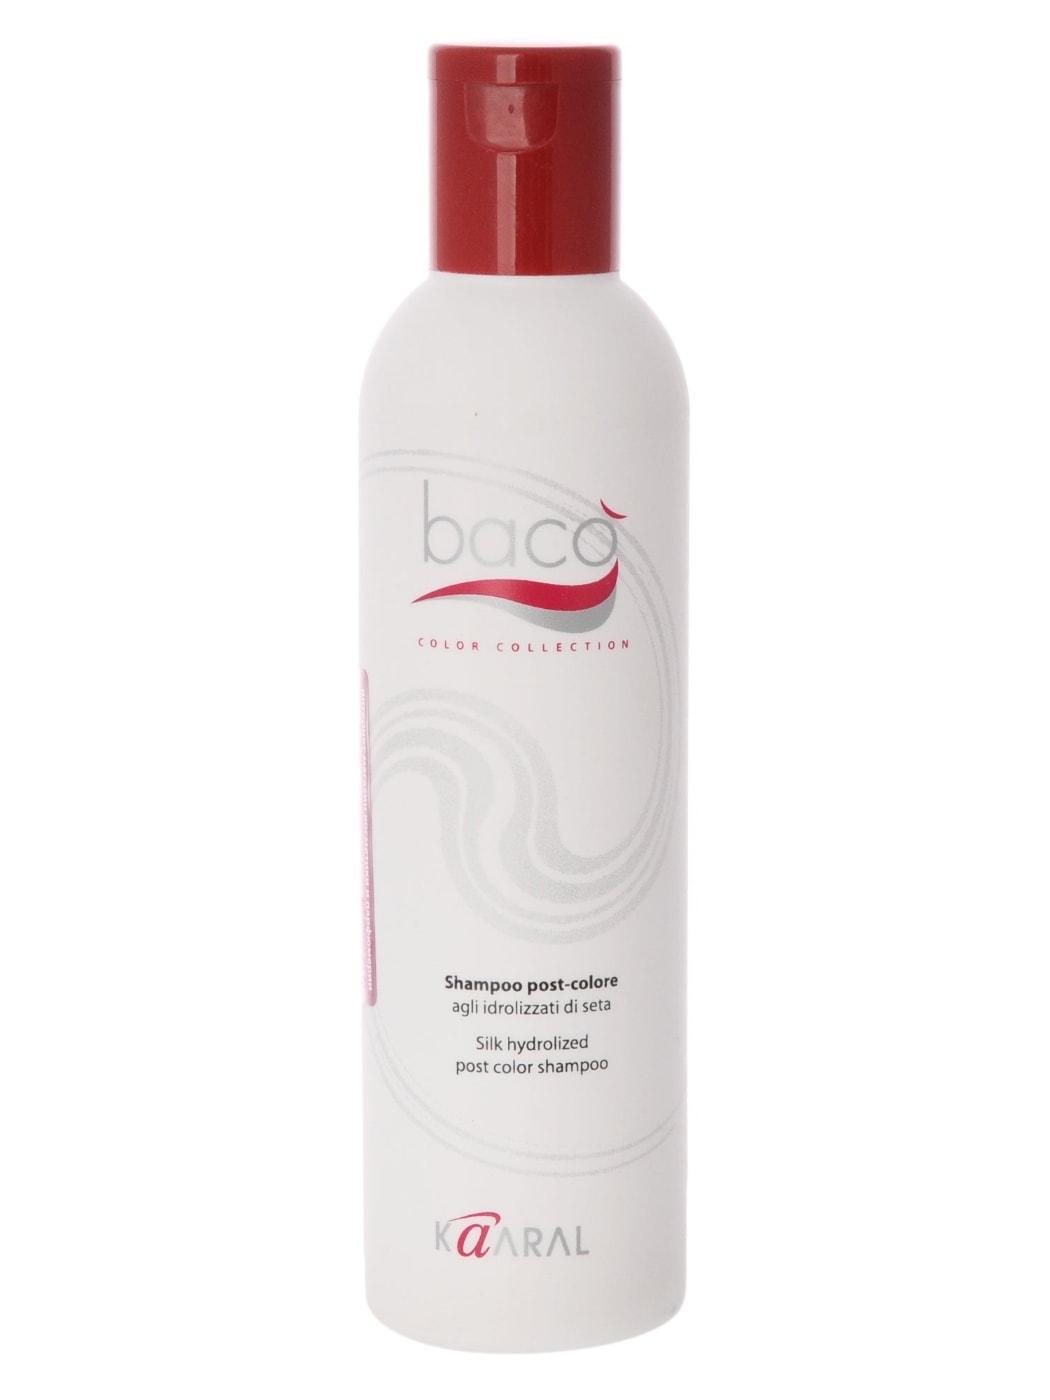 Kaaral Шампунь для окрашенных волос Baco Silk Hydrolized Post Color Shampoo, 250 млB080088Идеально удаляет остатки красителя с поверхности кожи головы, нейтрализуя и вырав- нивая нормальный уровень РН. Шампунь с гидролизатами шелка нейтрализует щелочной уровень РН волос и кожи после окрашивания перманентными красителями, стабилизирует цвет и ухаживает за окрашенными волосами. Предотвращает выцветание и вымывание цветовых пигментов изнутри волоса, придает дополнительный блеск.